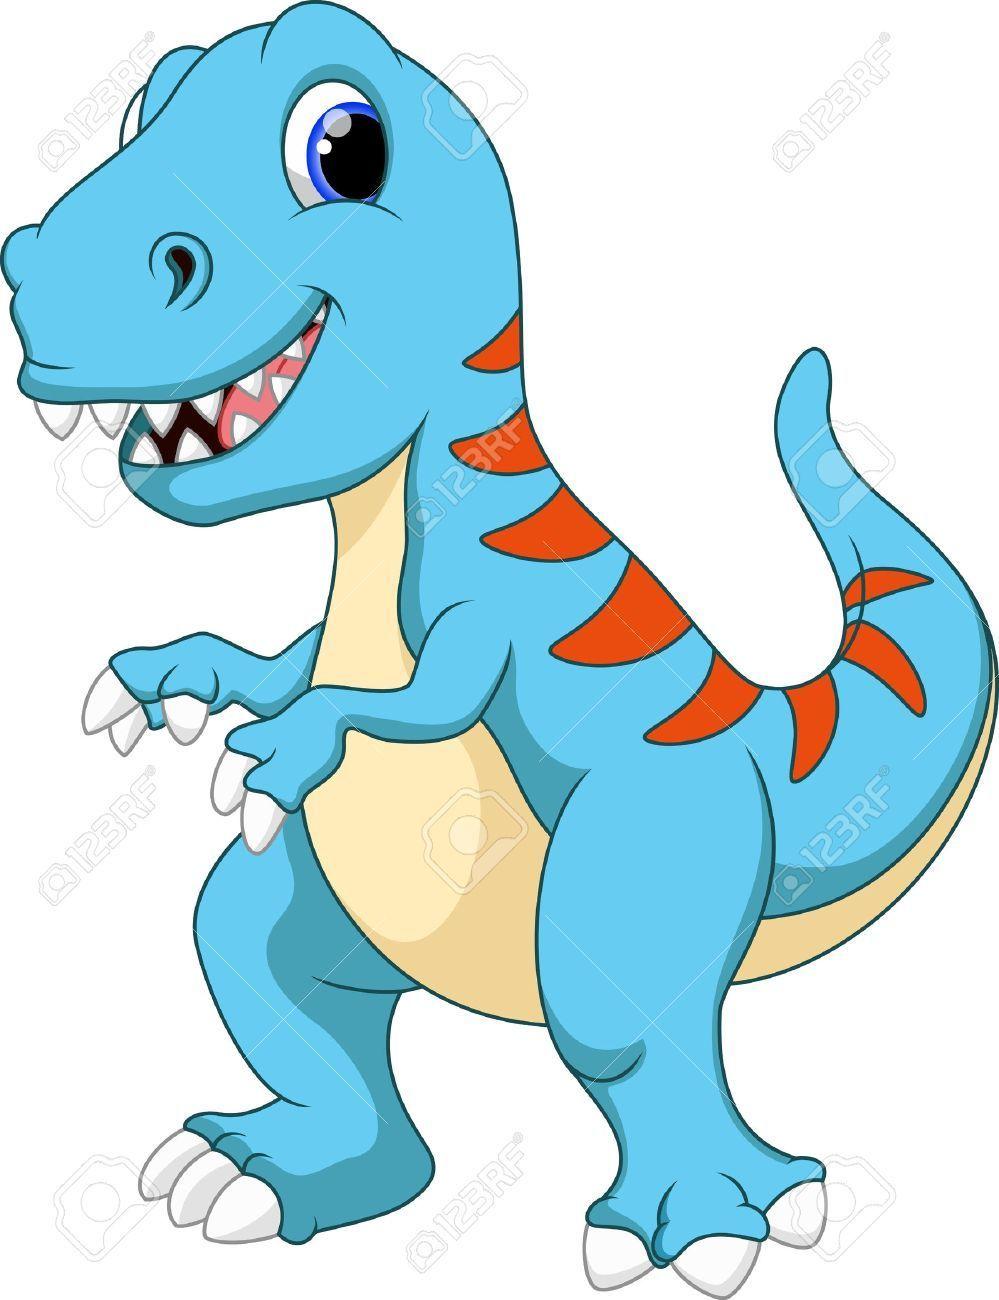 Niedlichen Cartoon Tyrannosaurus Tyrannosaurusrex Cute Tyrannosaurus Cartoon Standard Bild 30015812 In 2020 Dinosaur Theme Party Dinosaur Wallpaper Dinosaur Theme